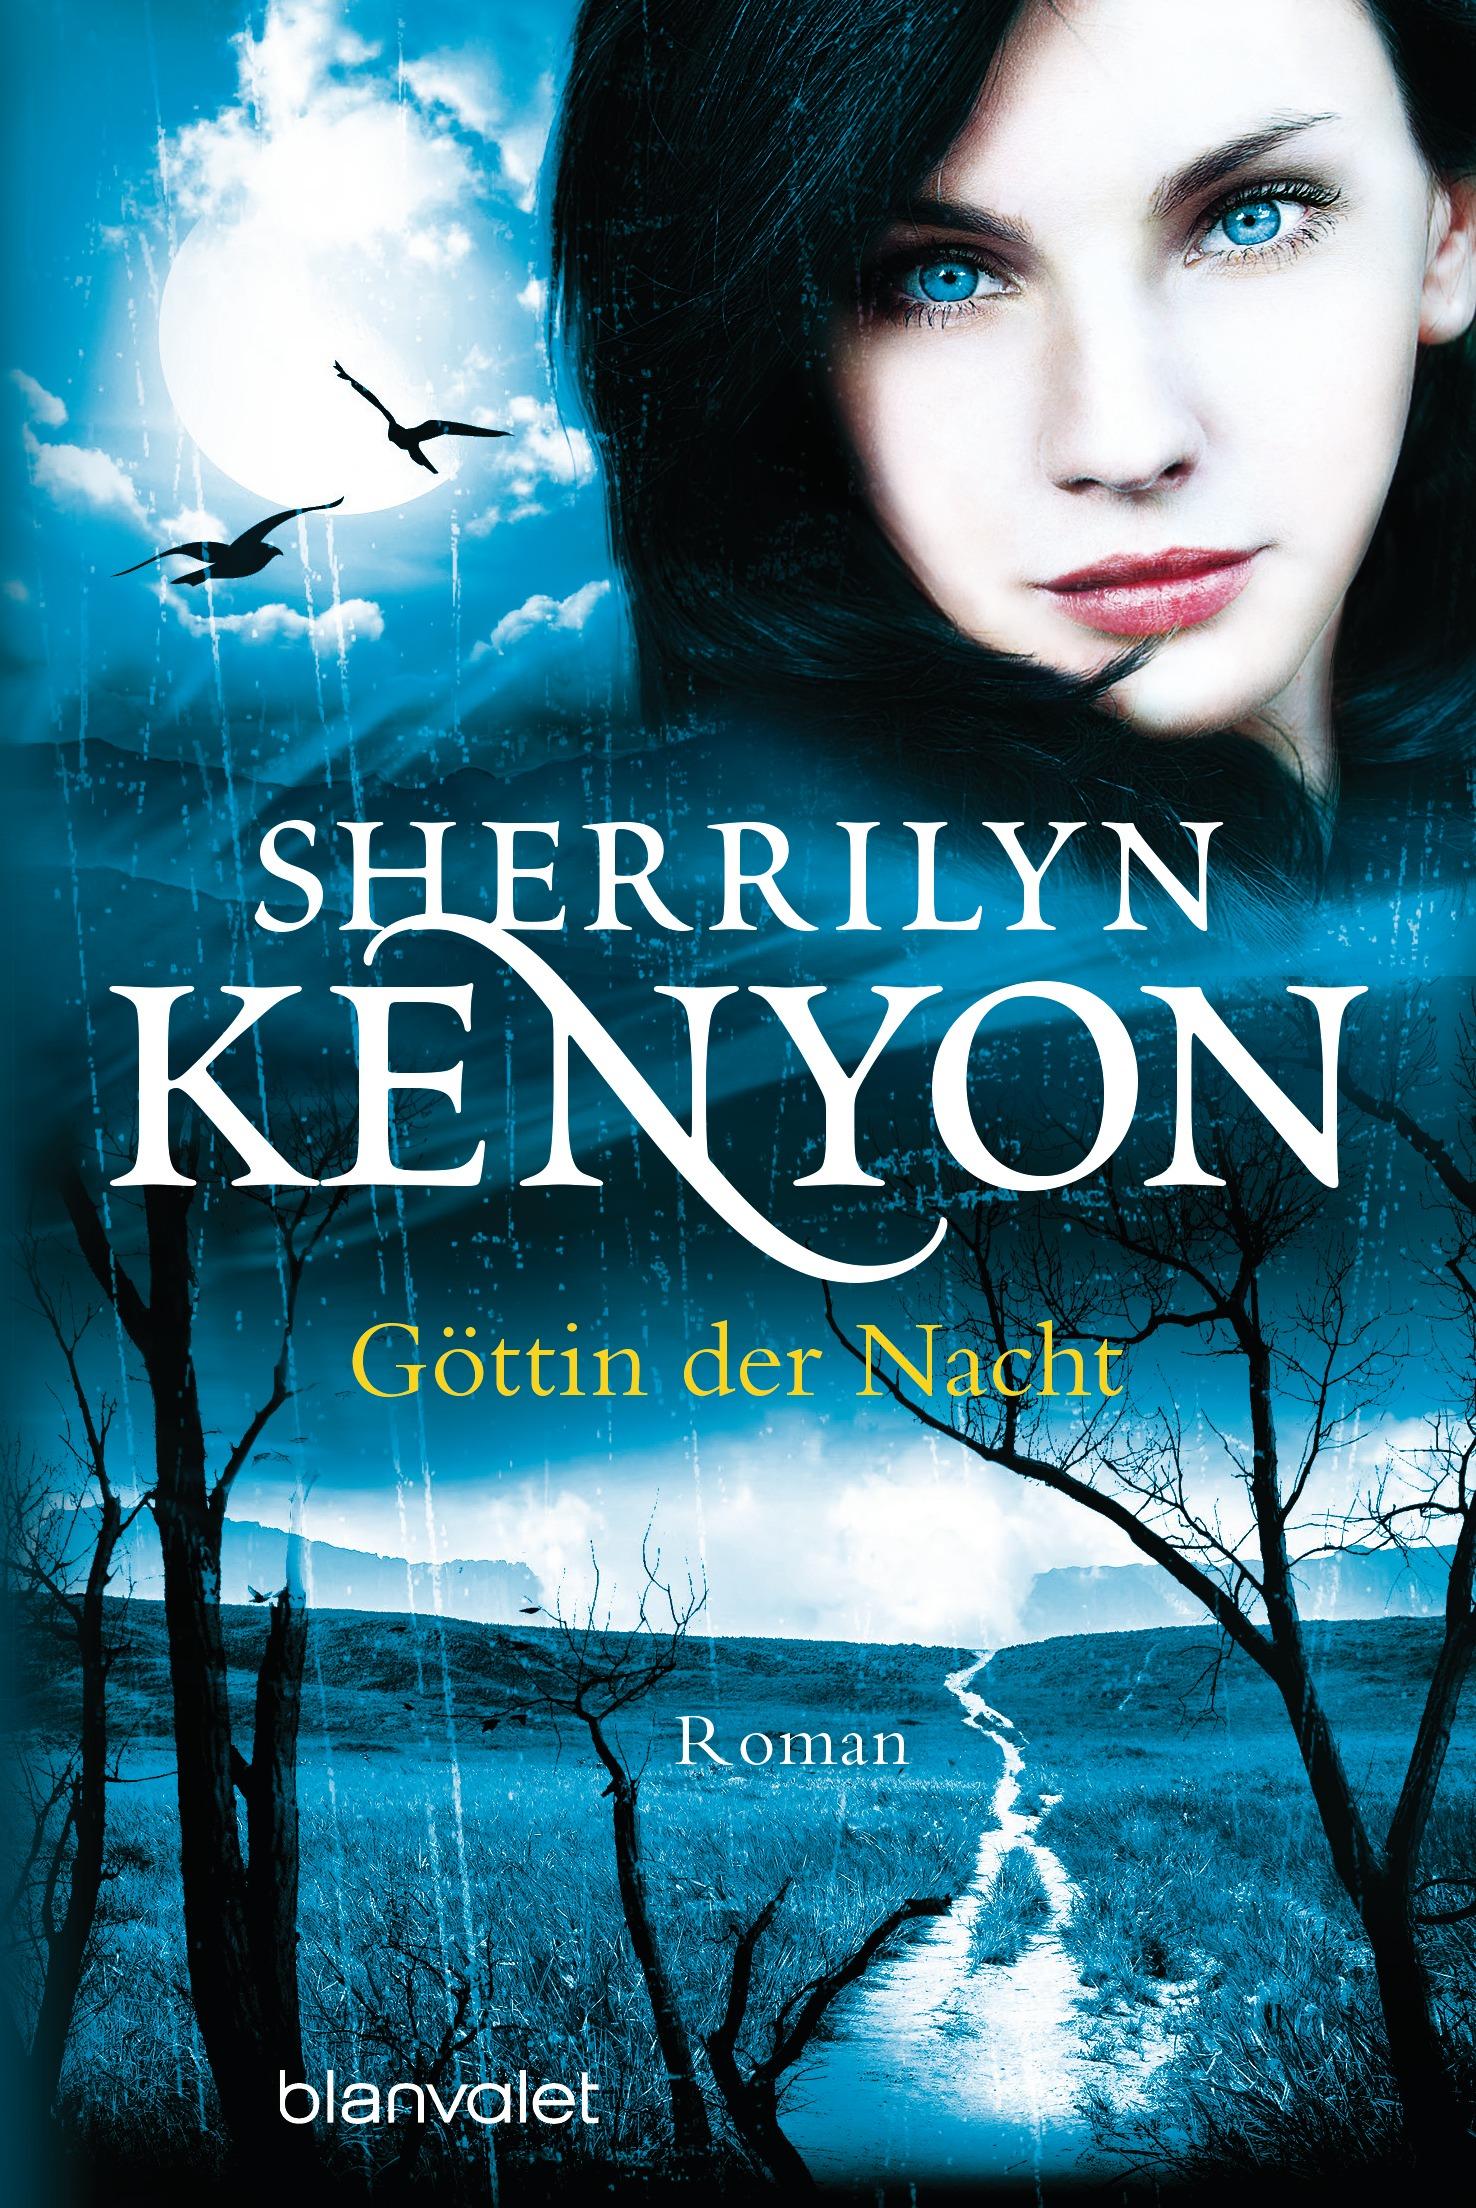 Göttin der Nacht - Sherrilyn Kenyon [Taschenbuch]